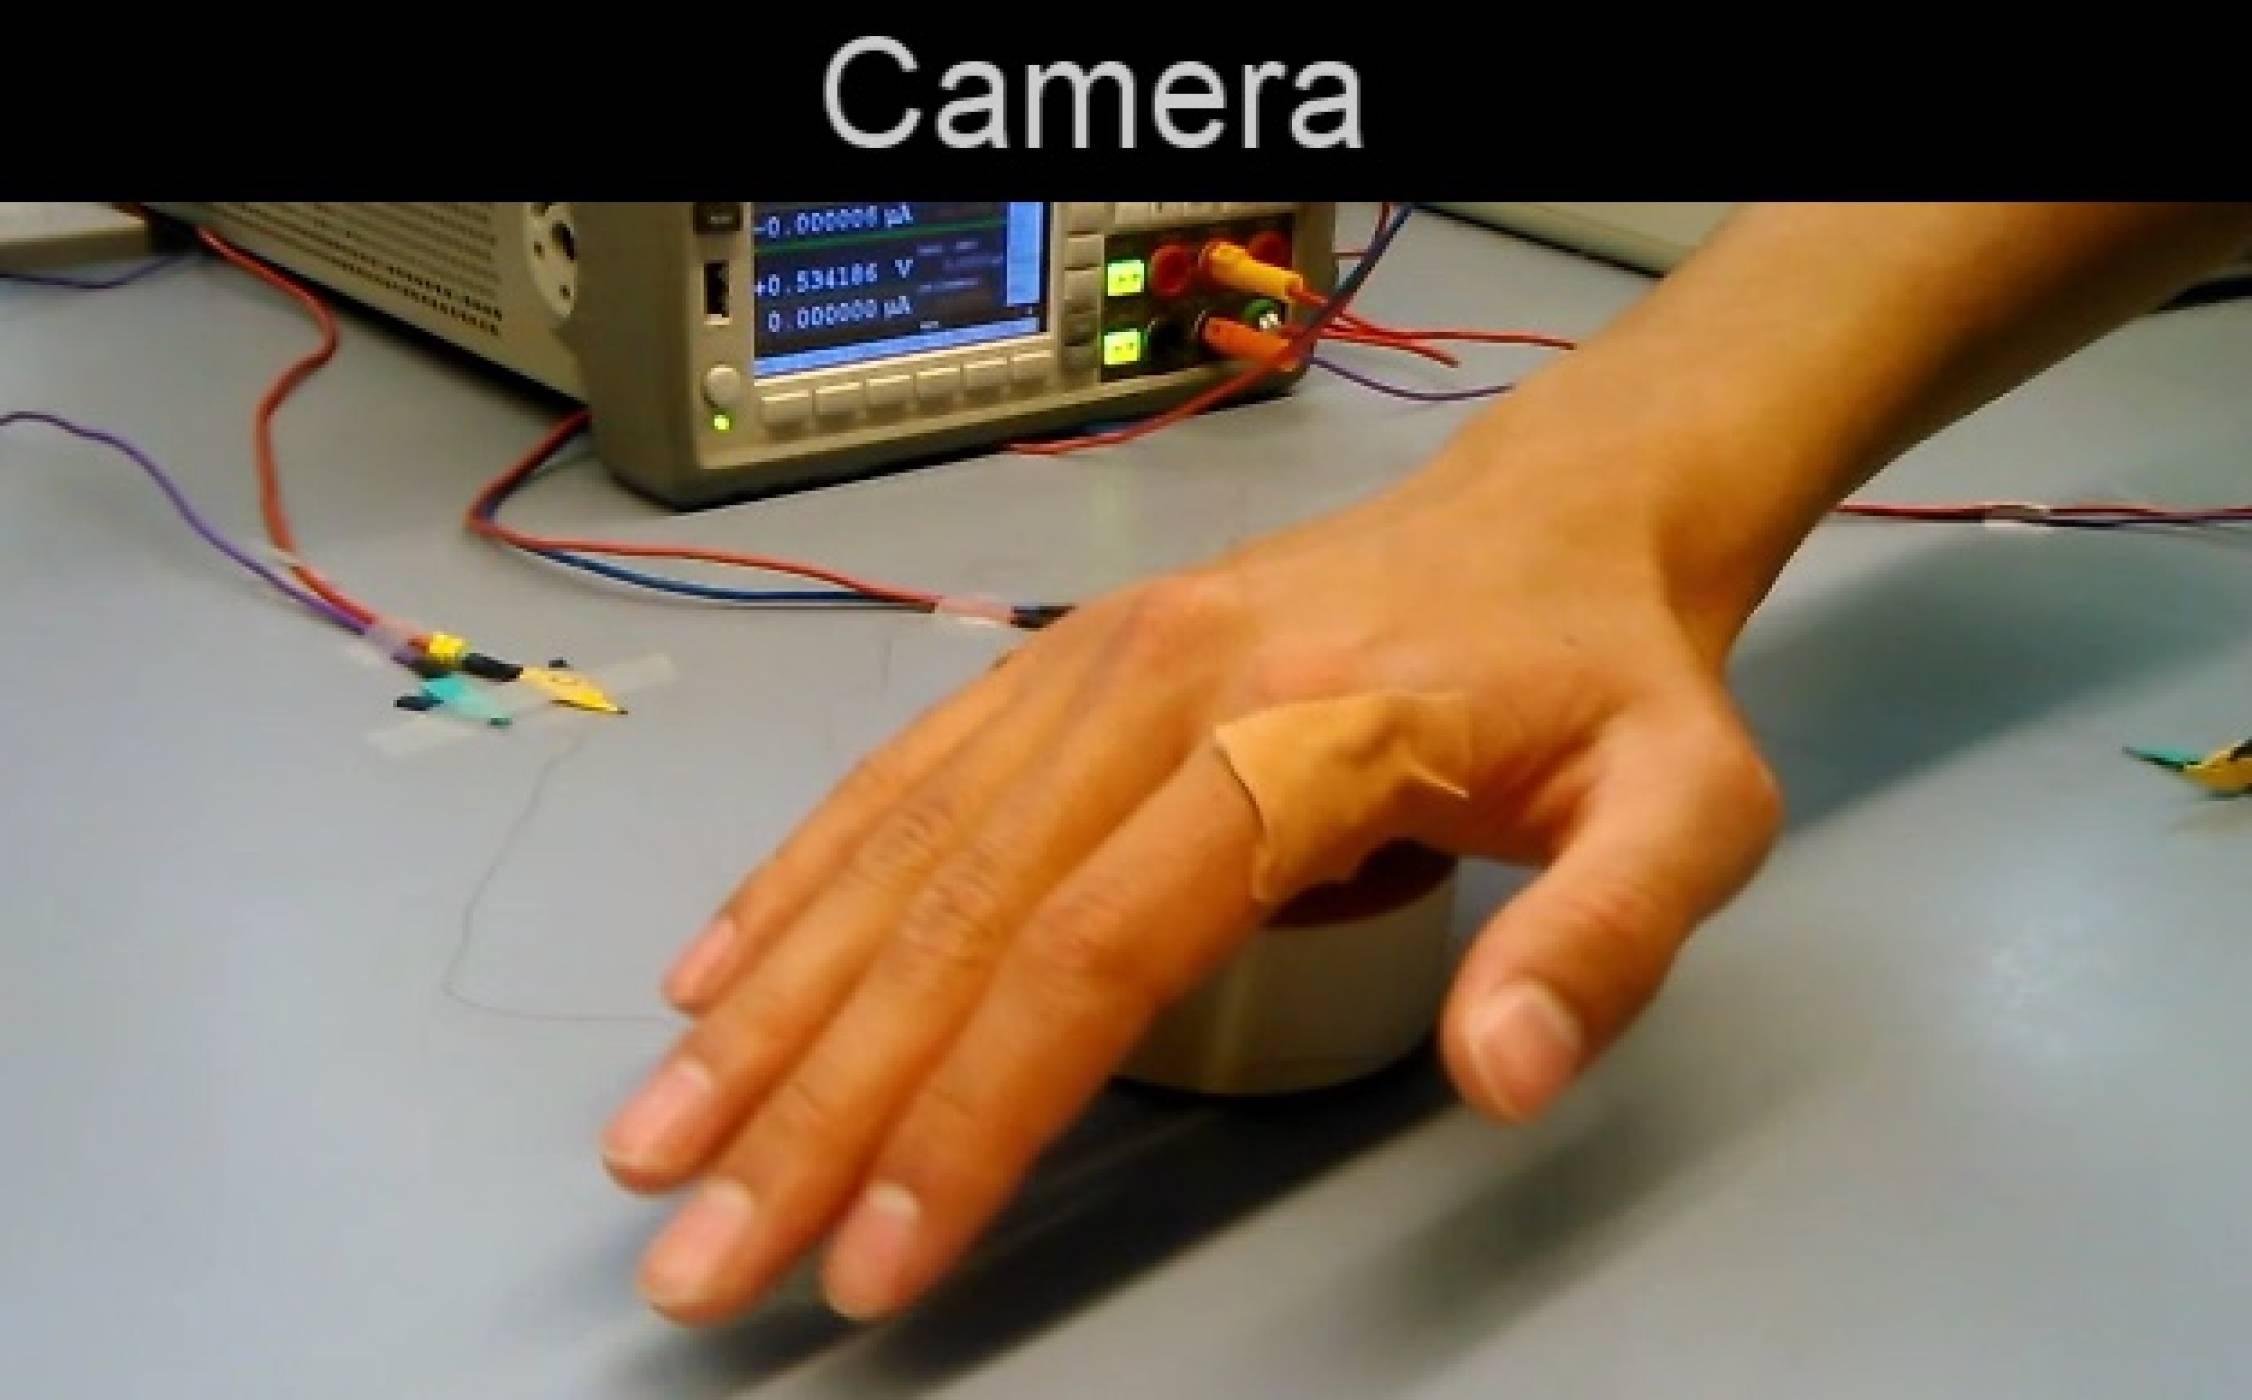 С тази електронна кожа може да манипулирате предмети, без да ги докосвате